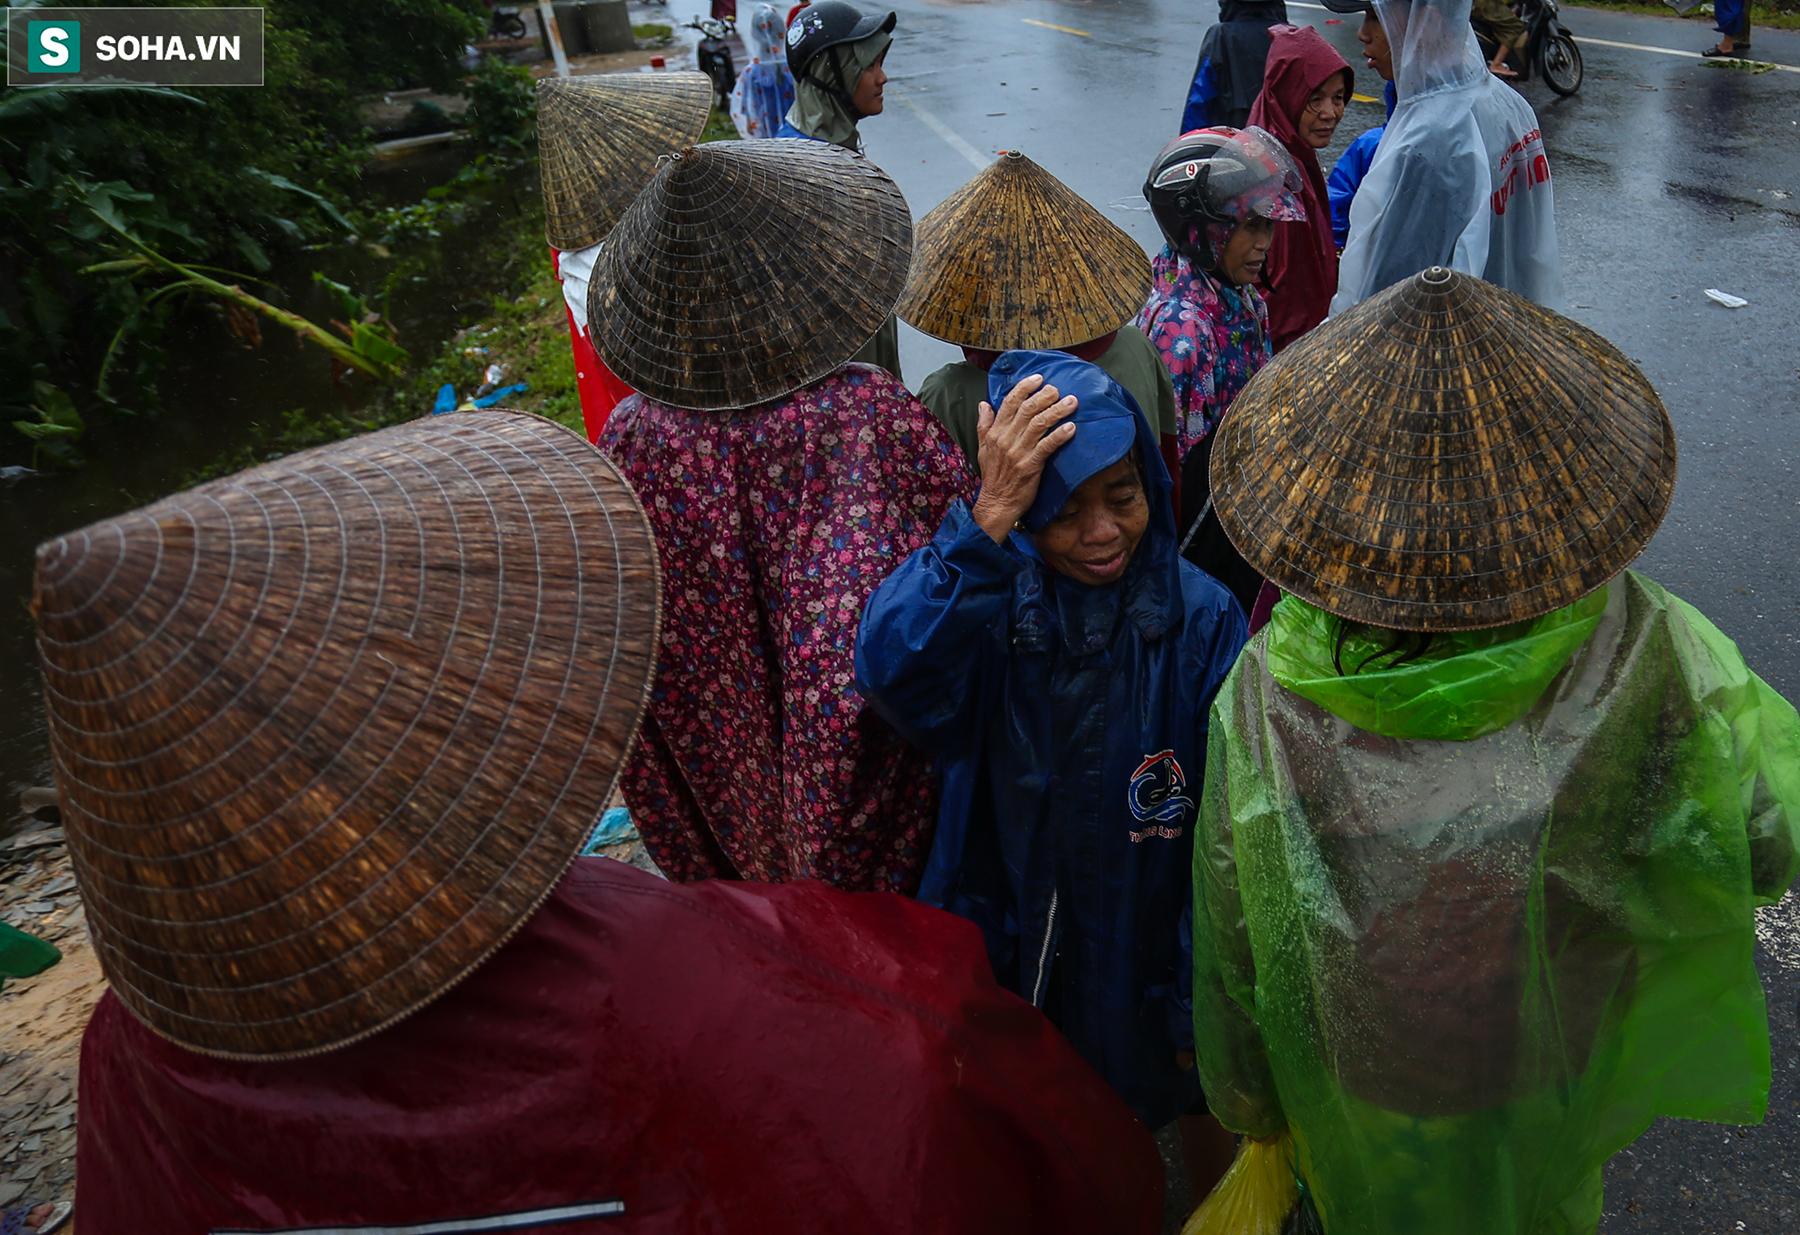 [Ảnh] Người phụ nữ ở Quảng Bình lao ra dòng nước lũ xin đồ ăn cho mẹ già bật khóc khi được cứu hộ khỏi ghe lật  - Ảnh 6.